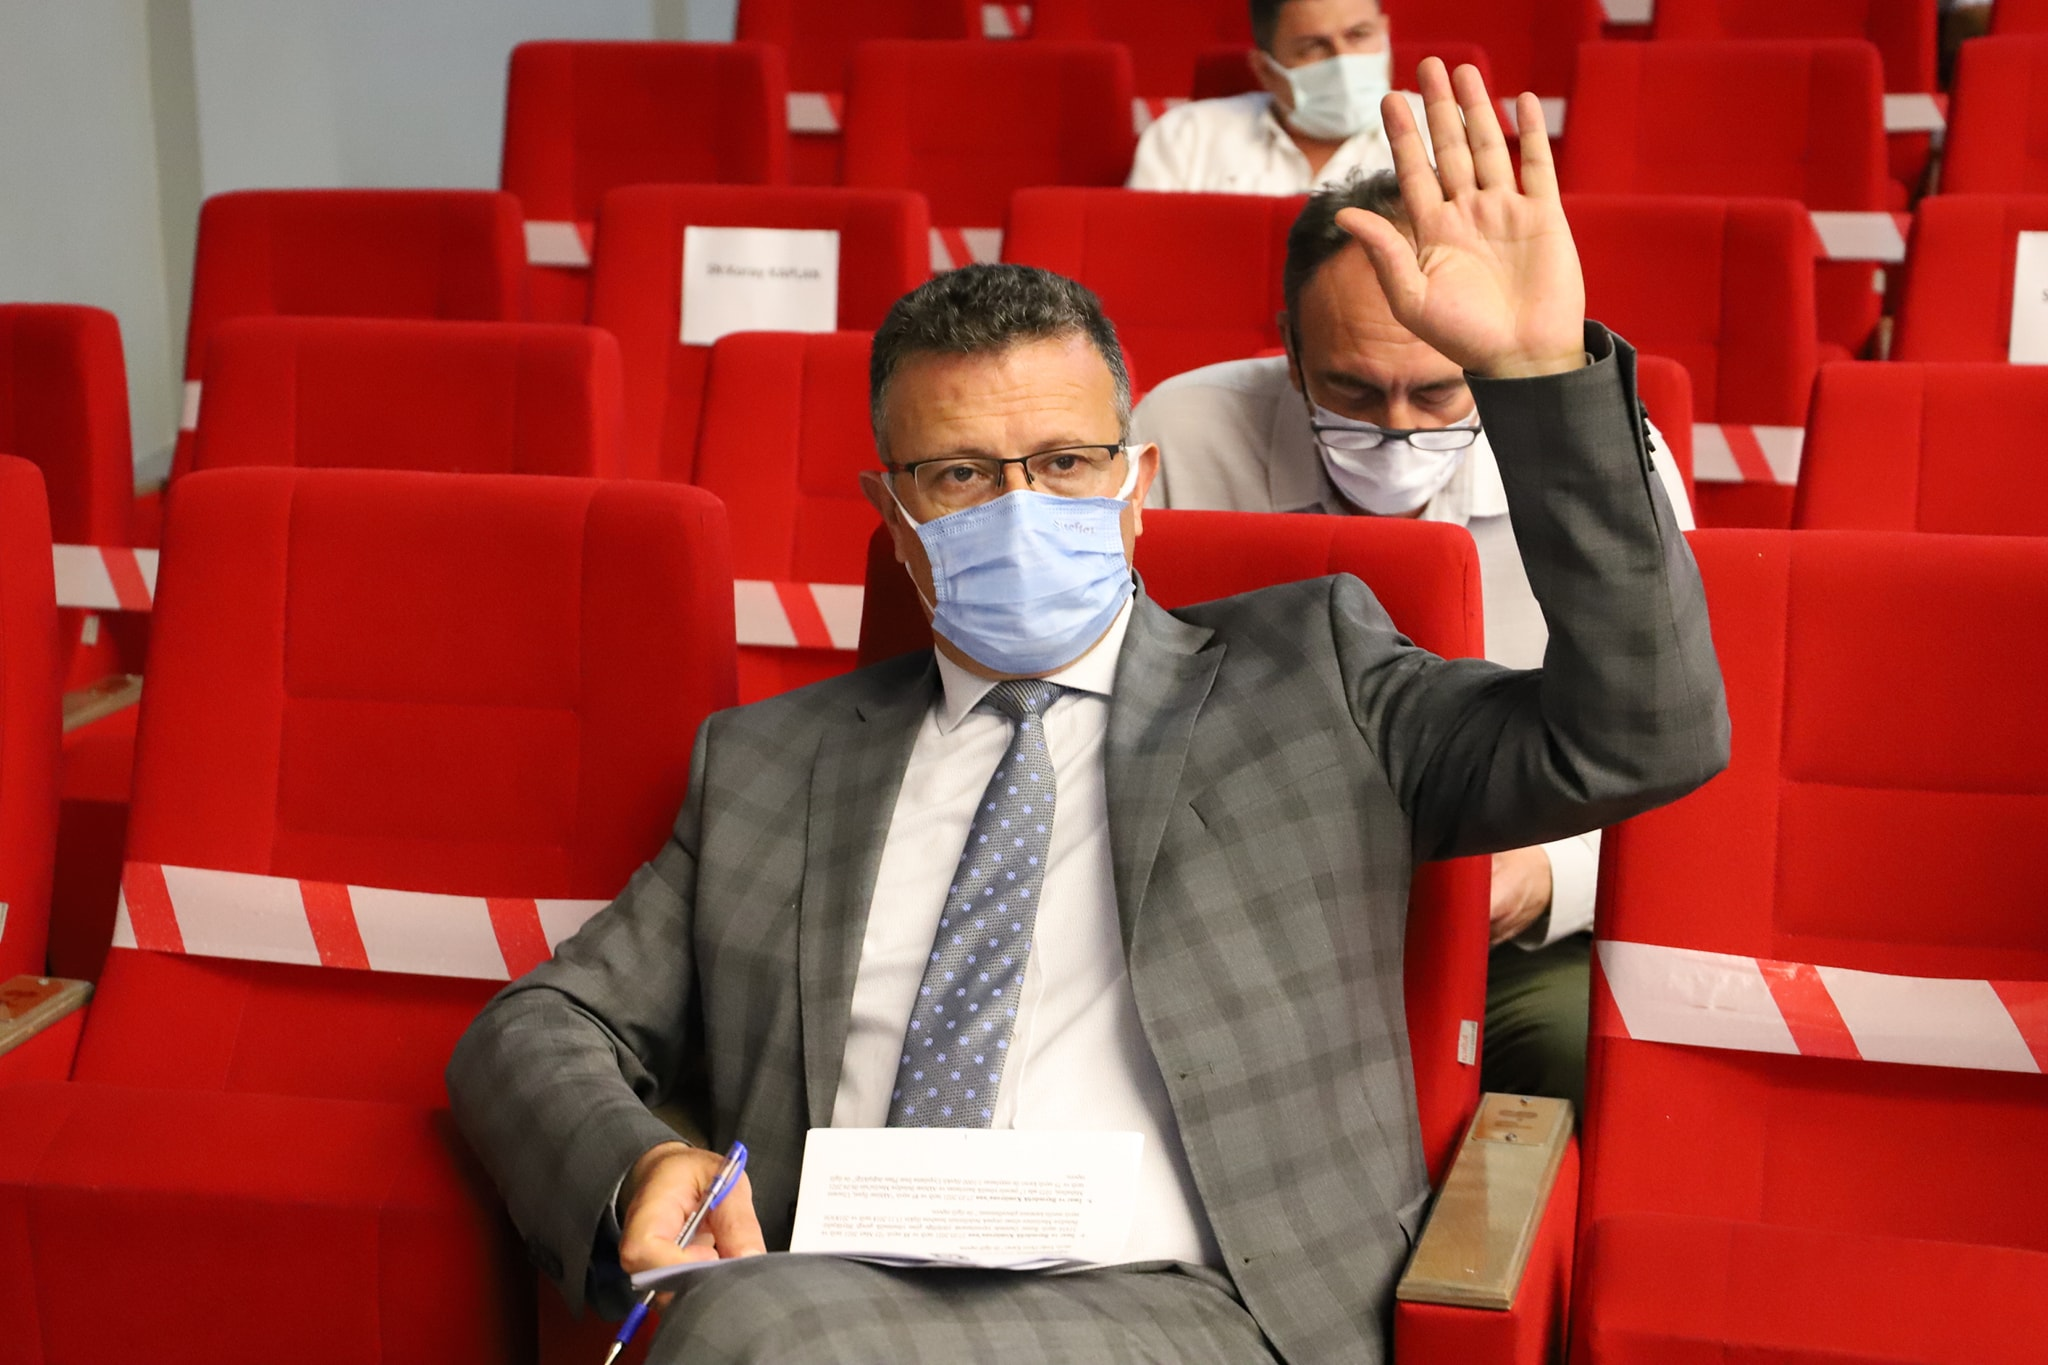 Manisa Büyükşehir Belediyesi Haziran Ayı Olağan Meclis Toplantısını Gerçekleştiriyoruz